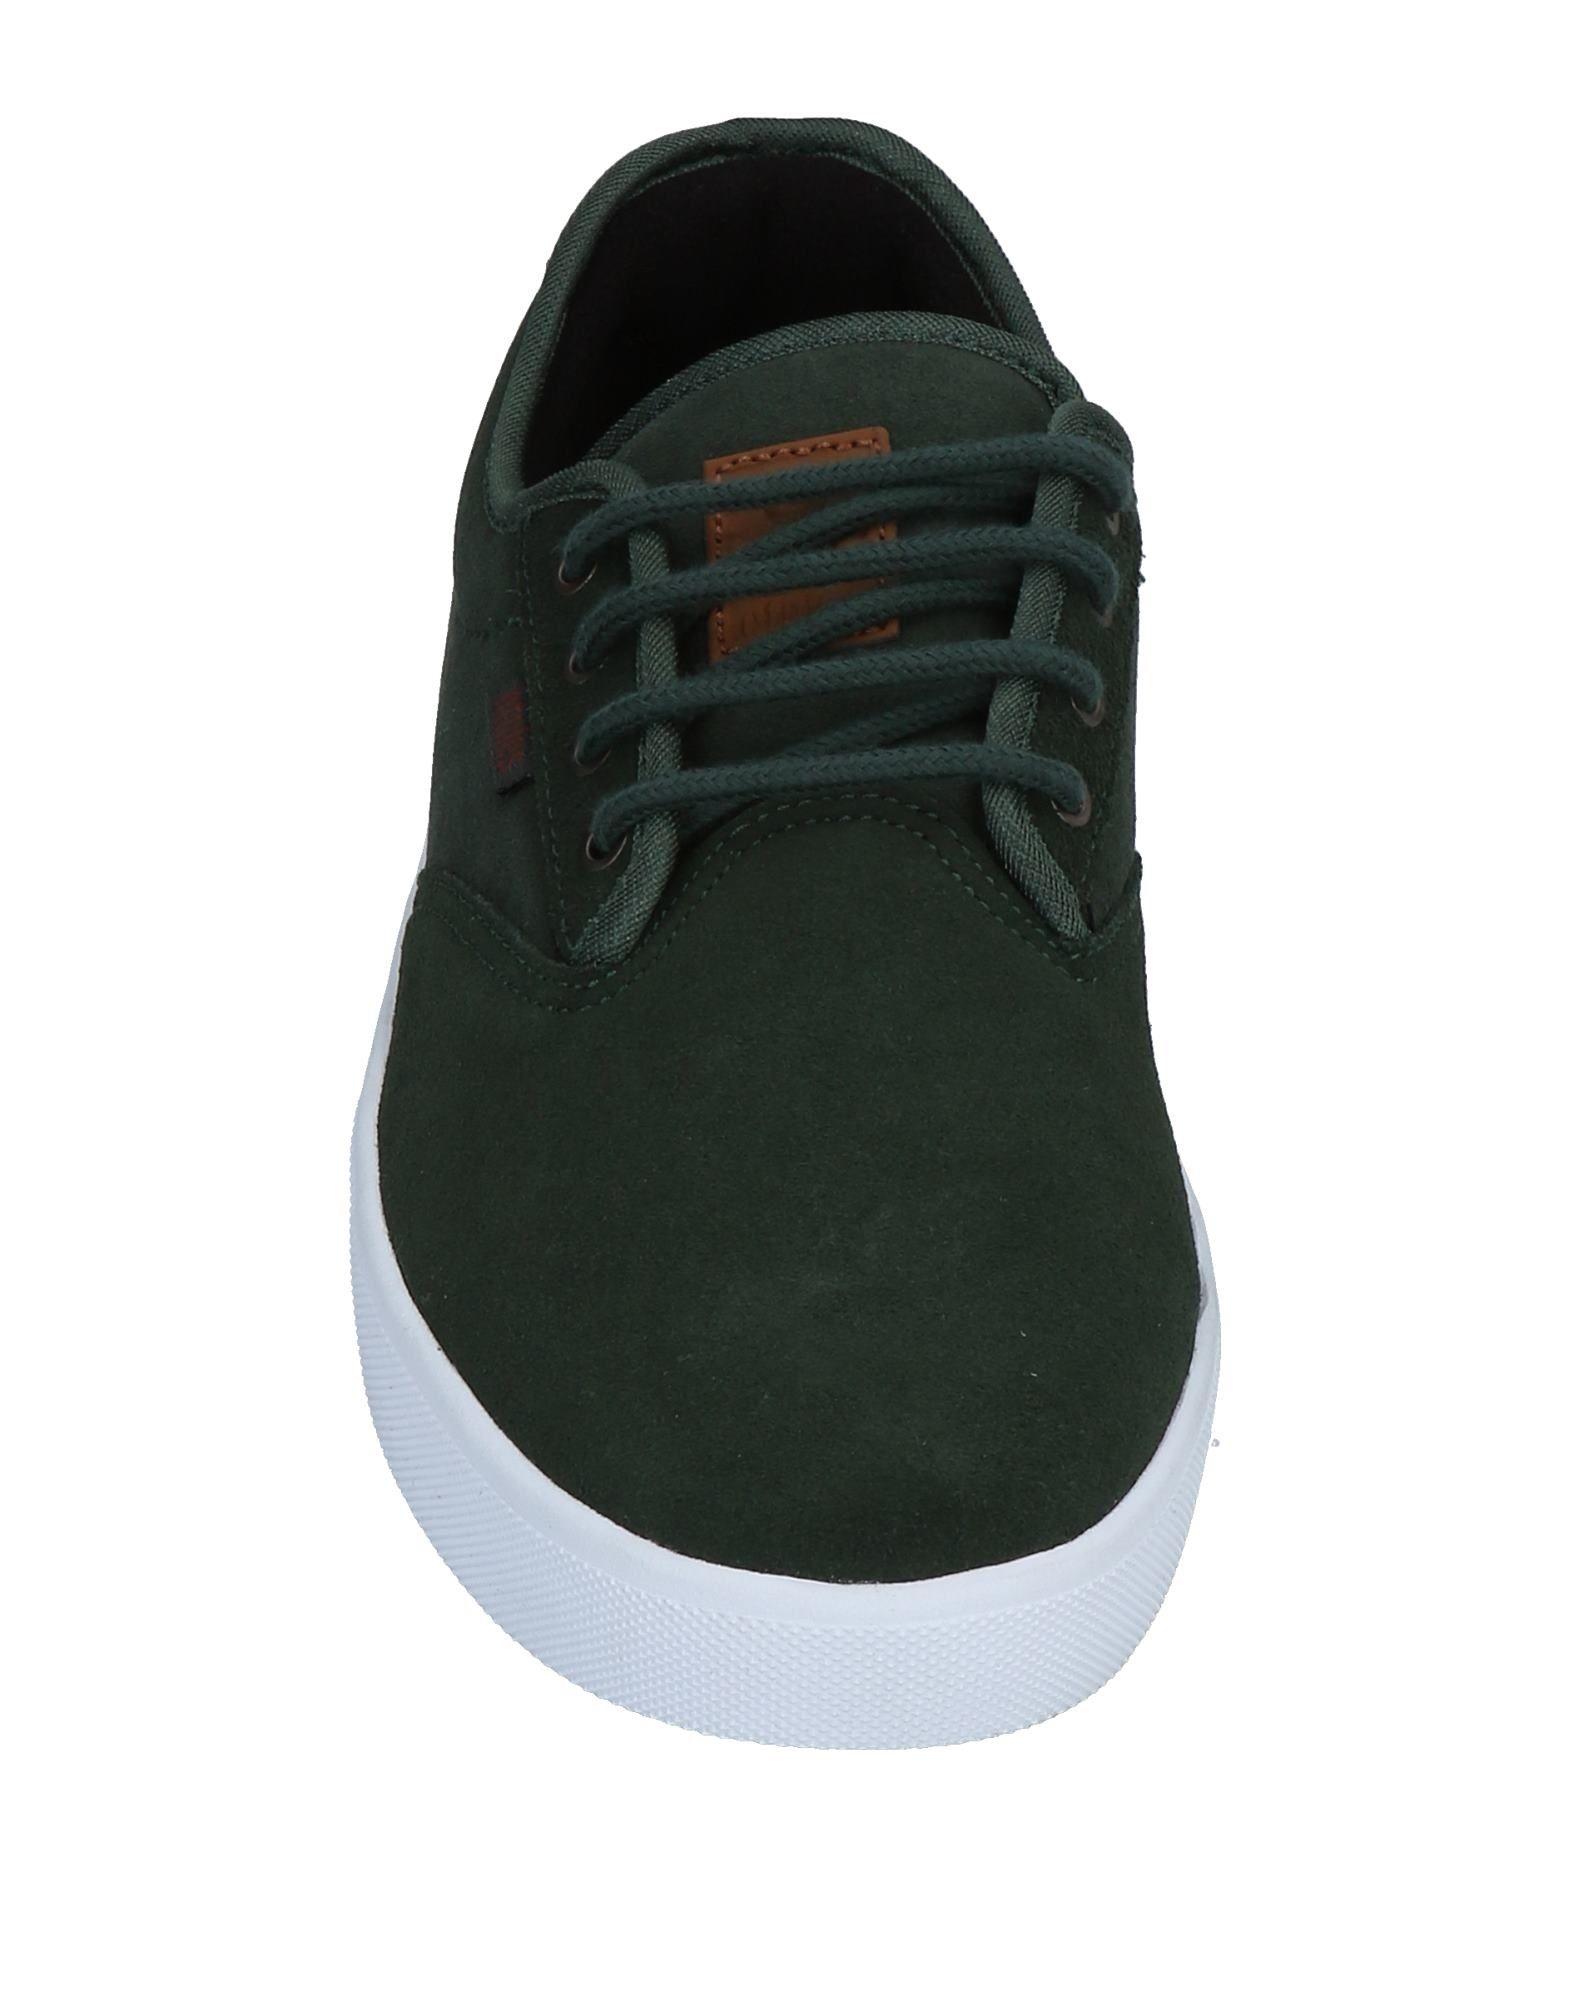 Rabatt Herren echte Schuhe Etnies Sneakers Herren Rabatt  11476477GG 6a7ef1